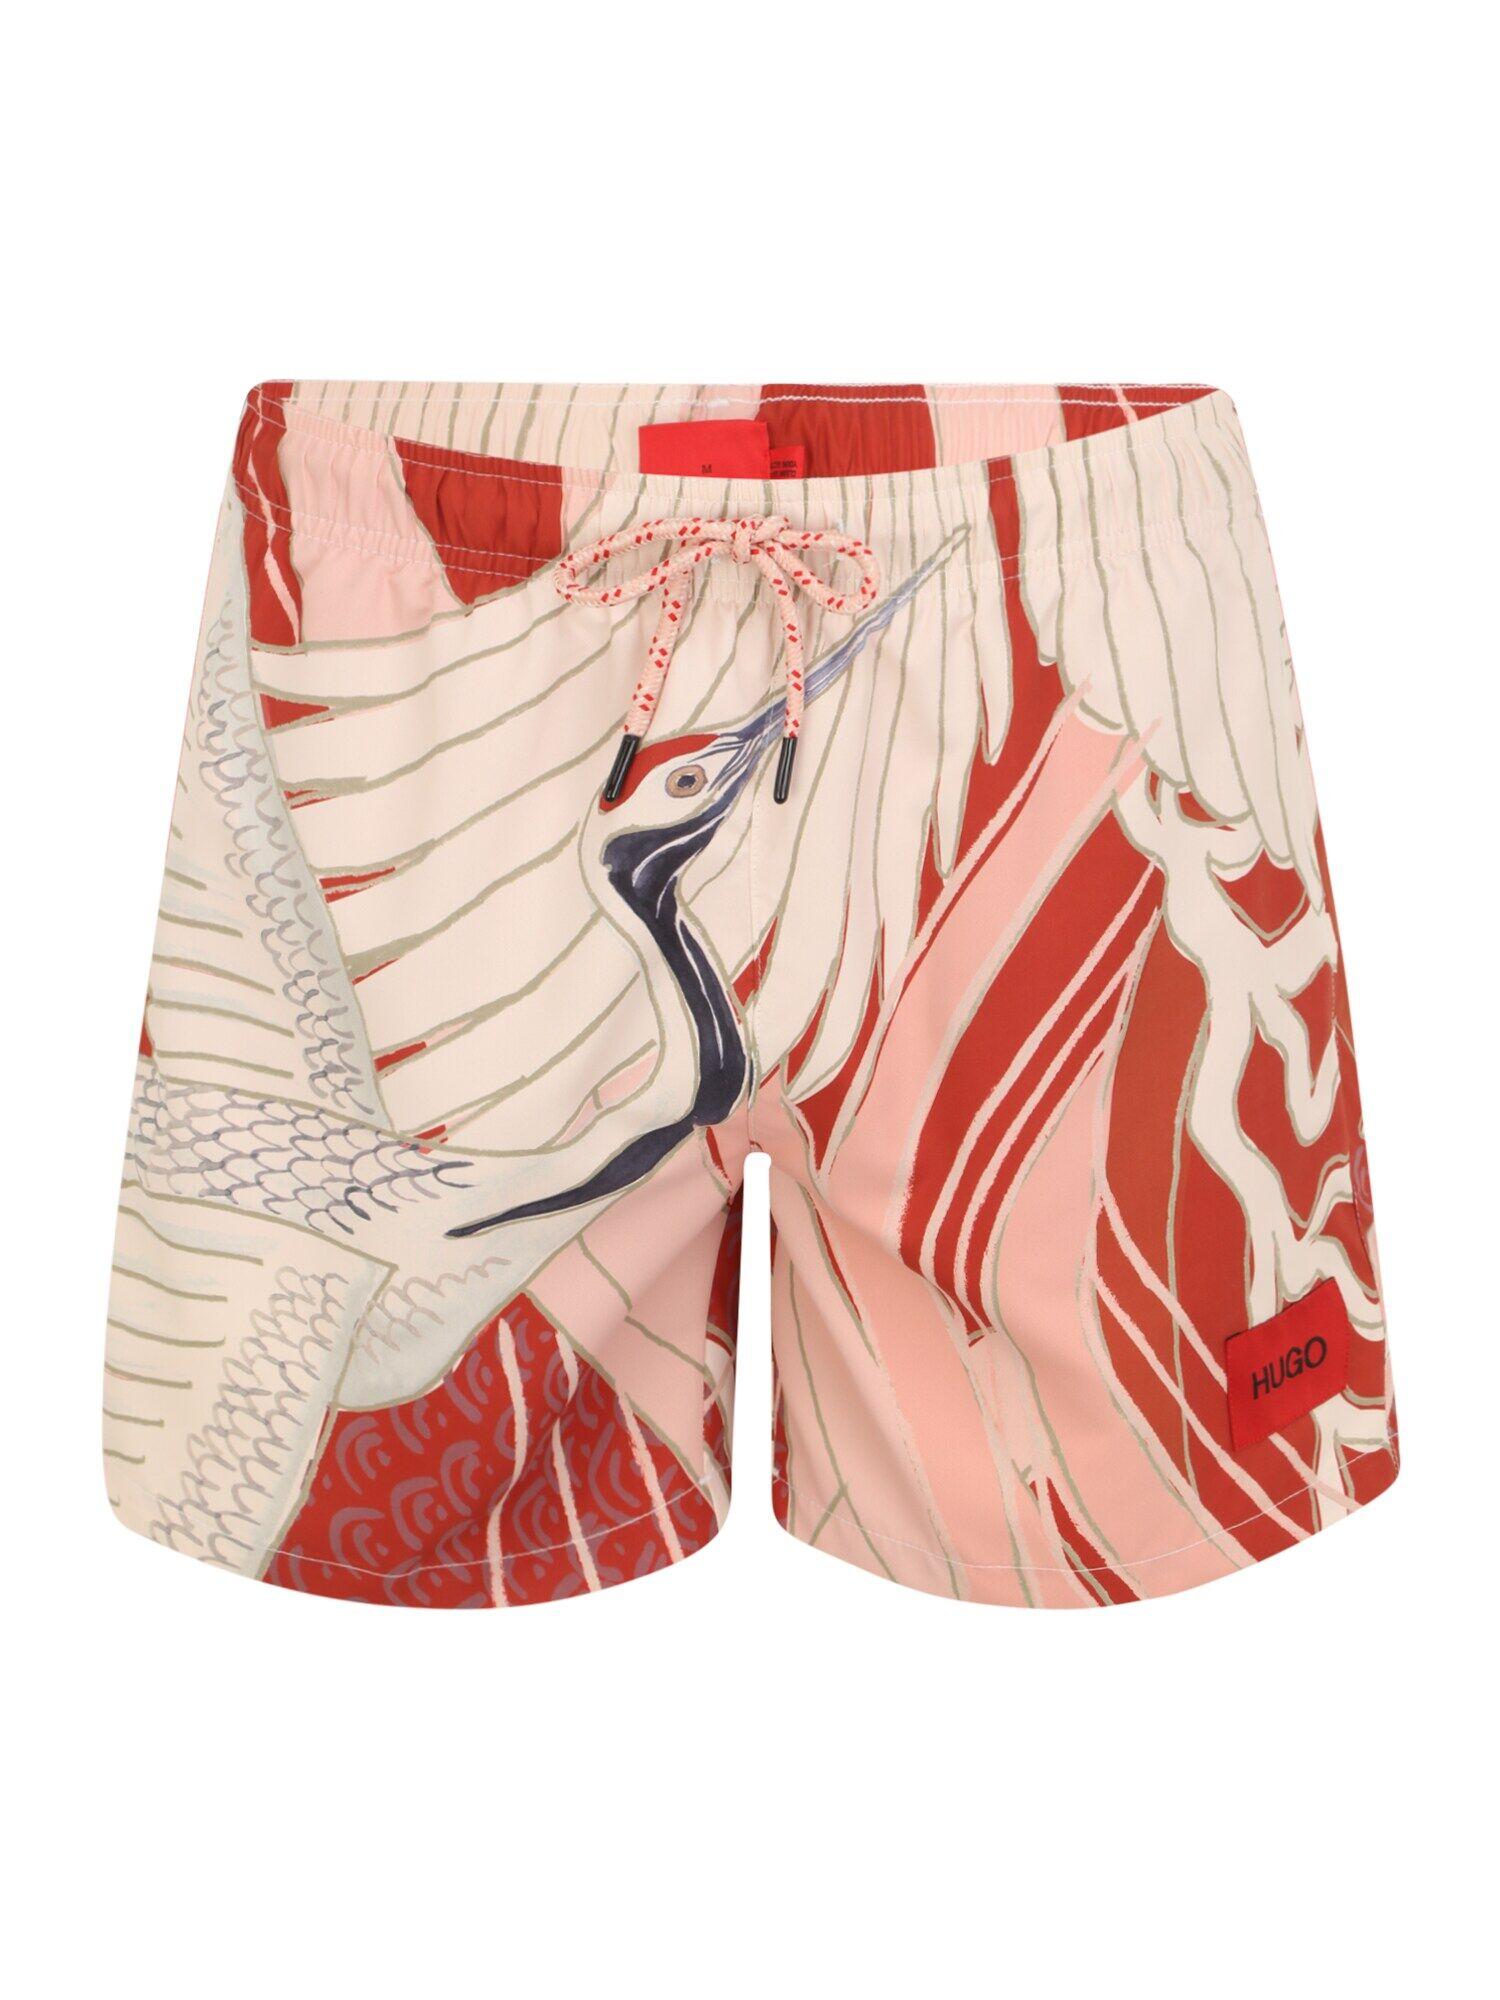 HUGO Shorts de bain 'MISO'  - Rouge - Taille: M - male